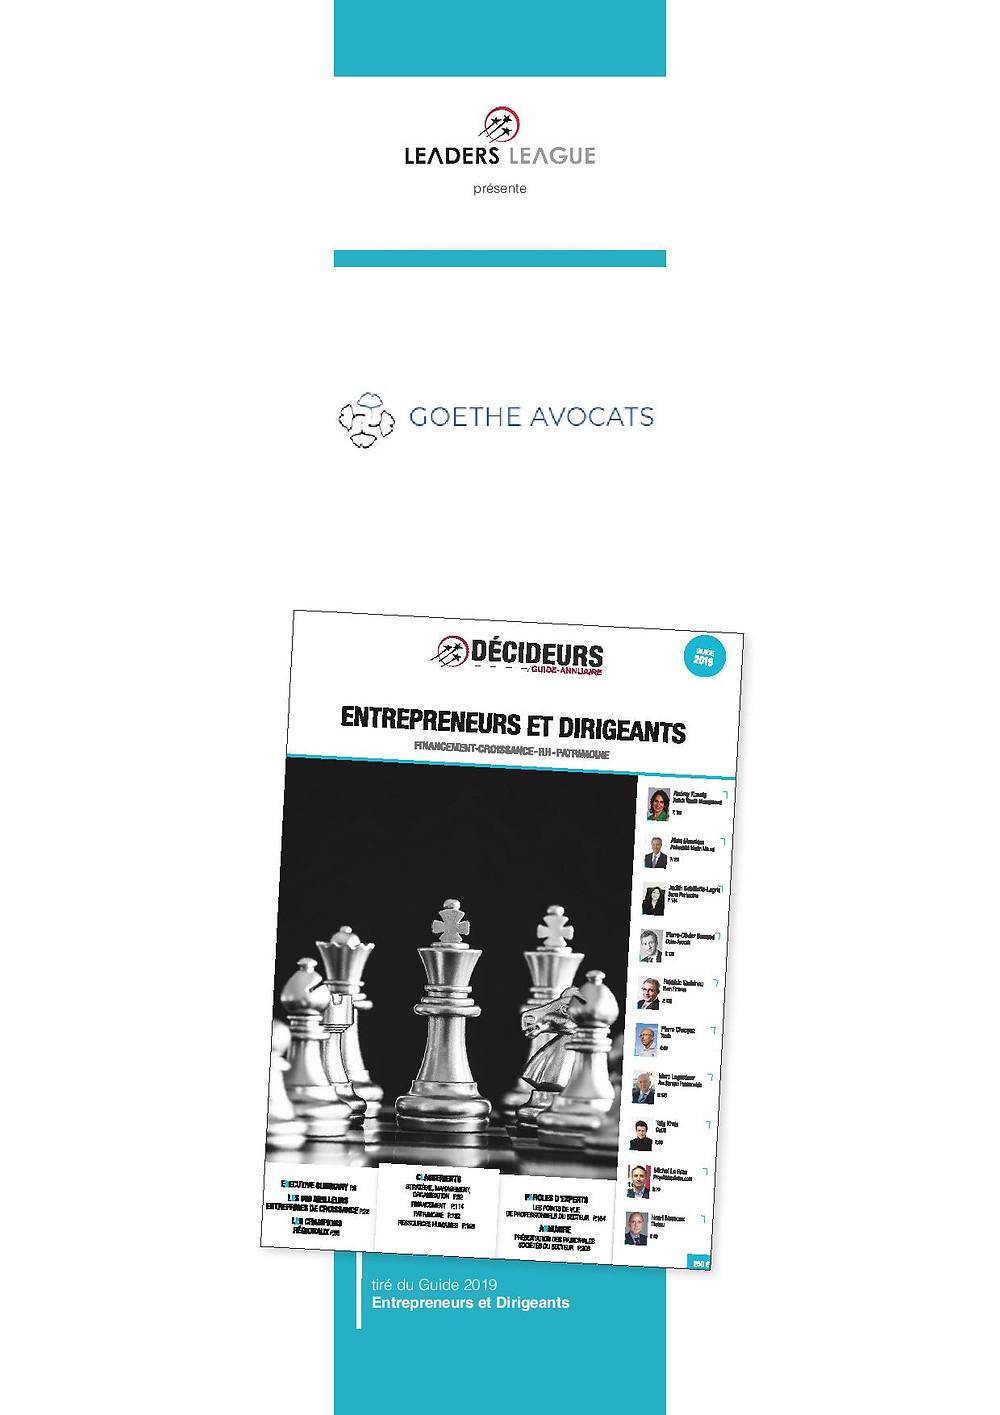 La couverture du dernier guide-annuaire 2009.